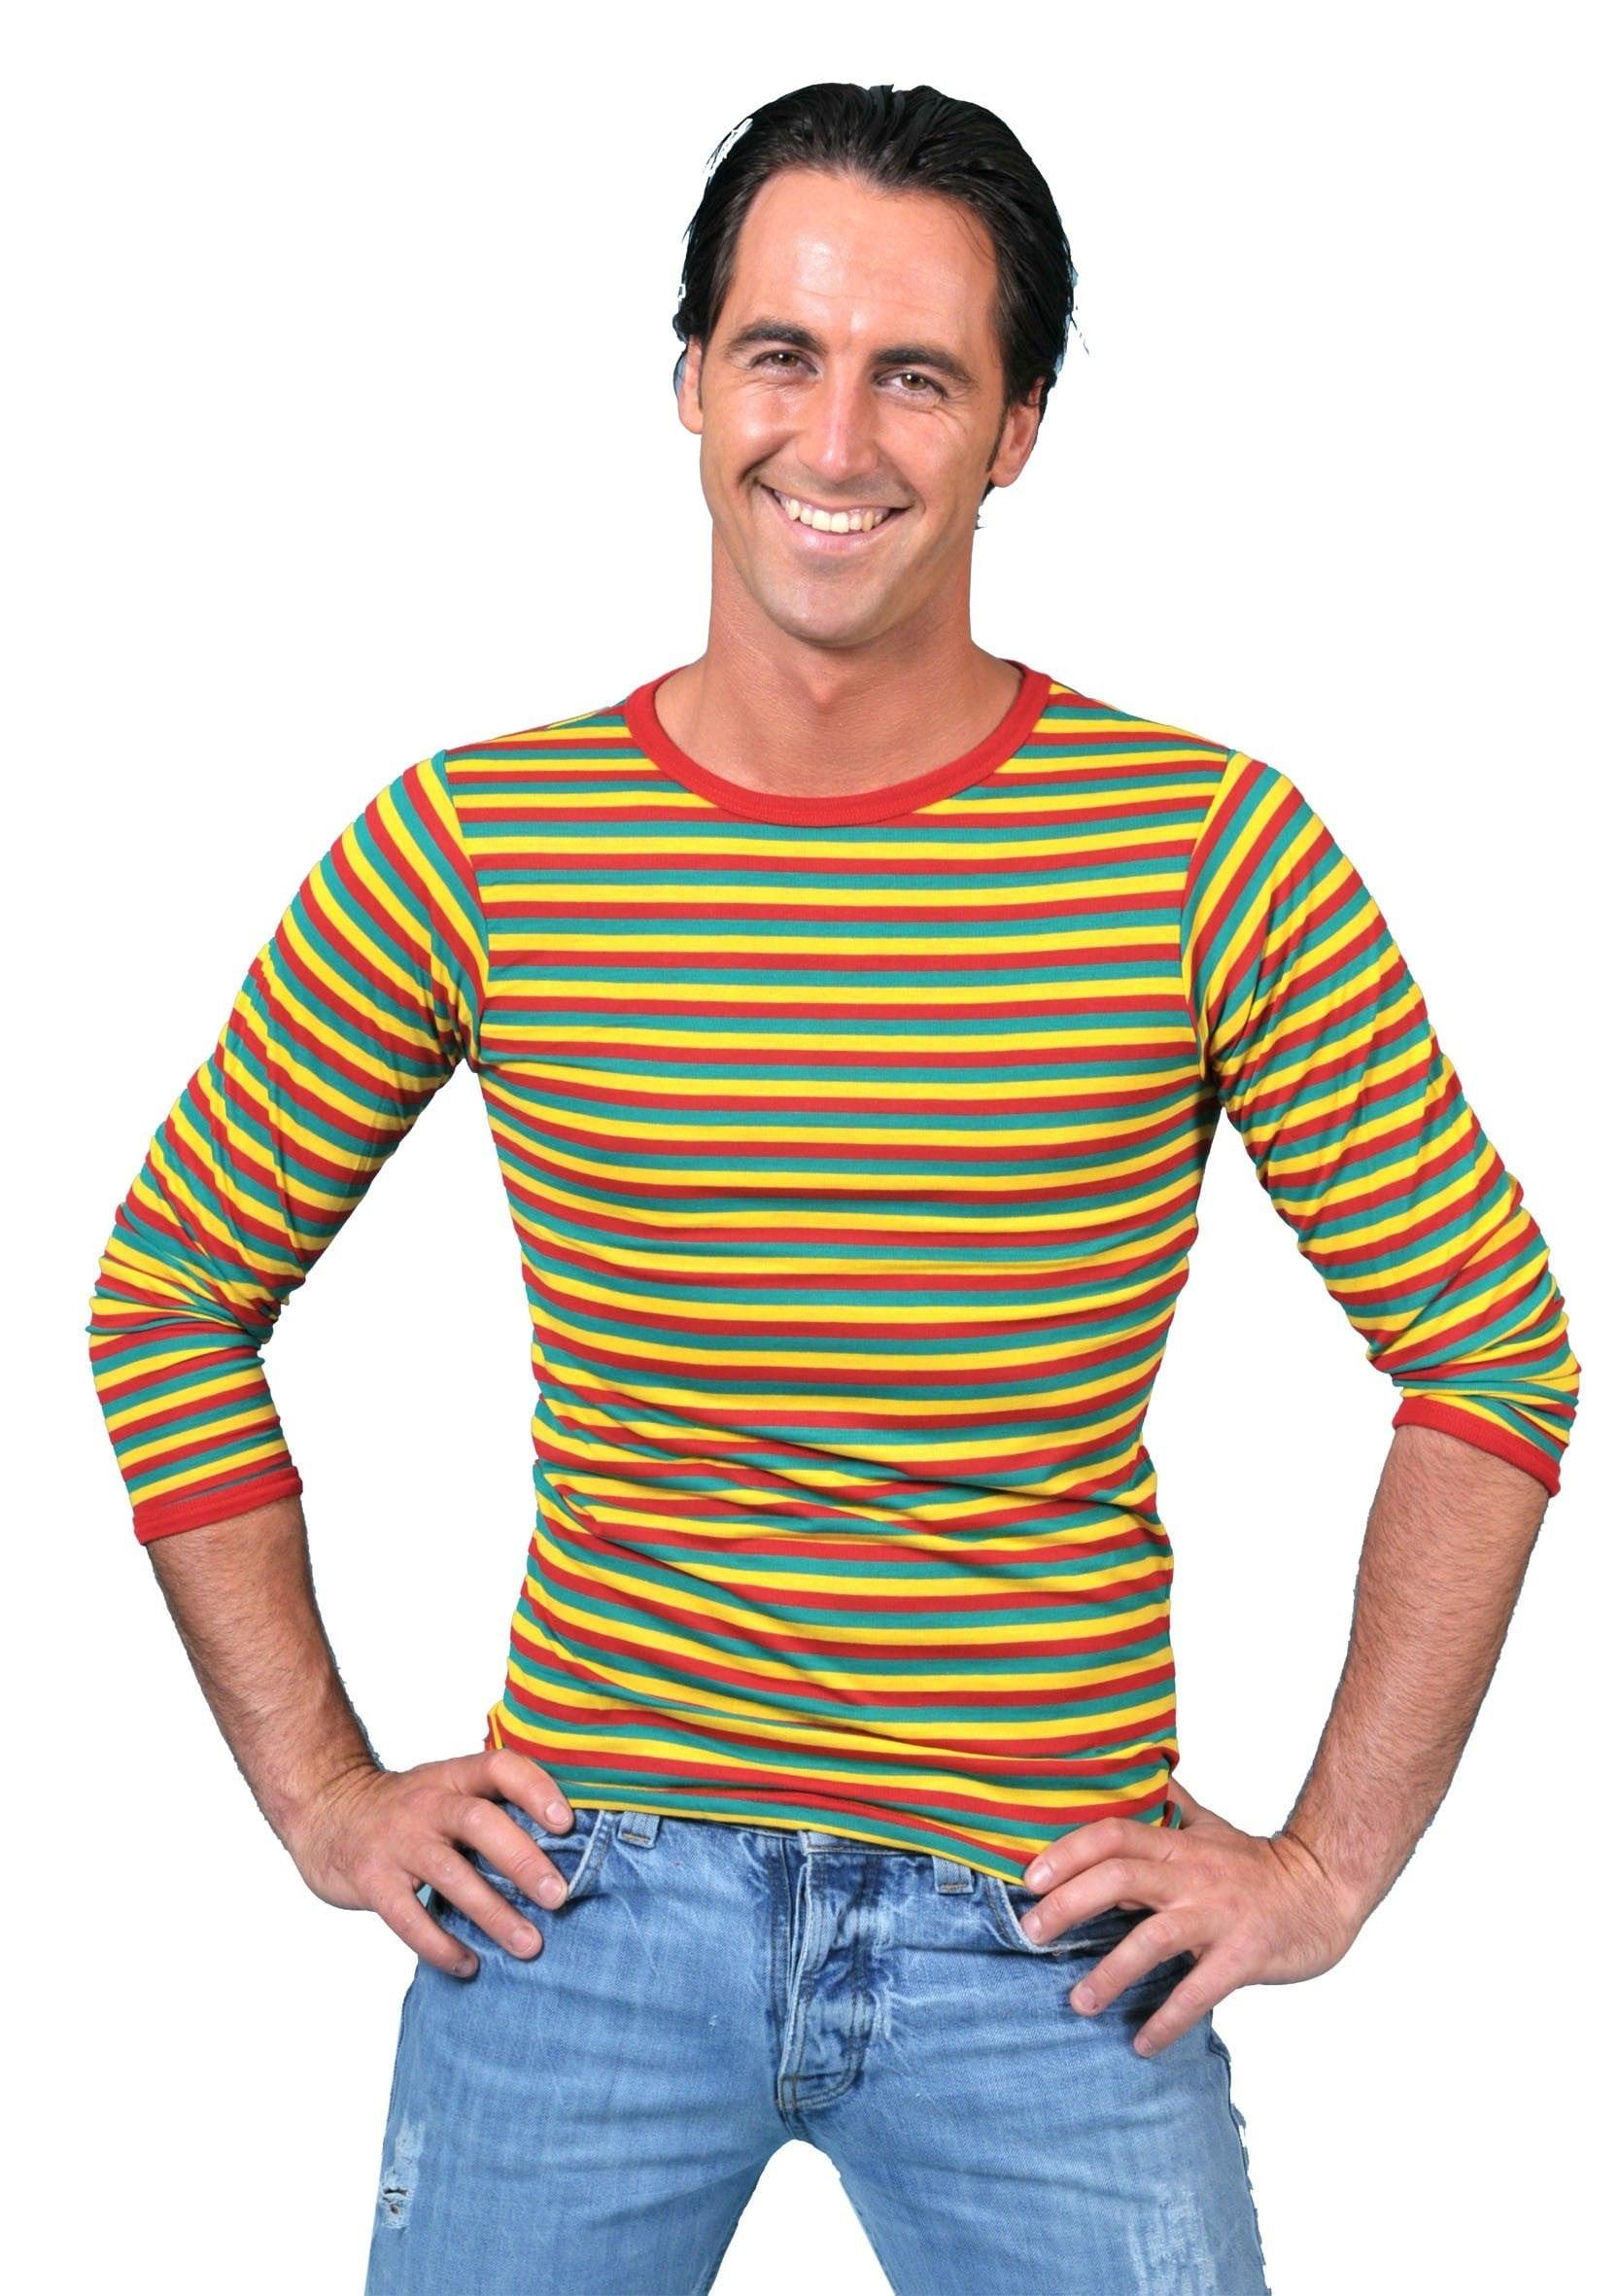 Carnaval shirt